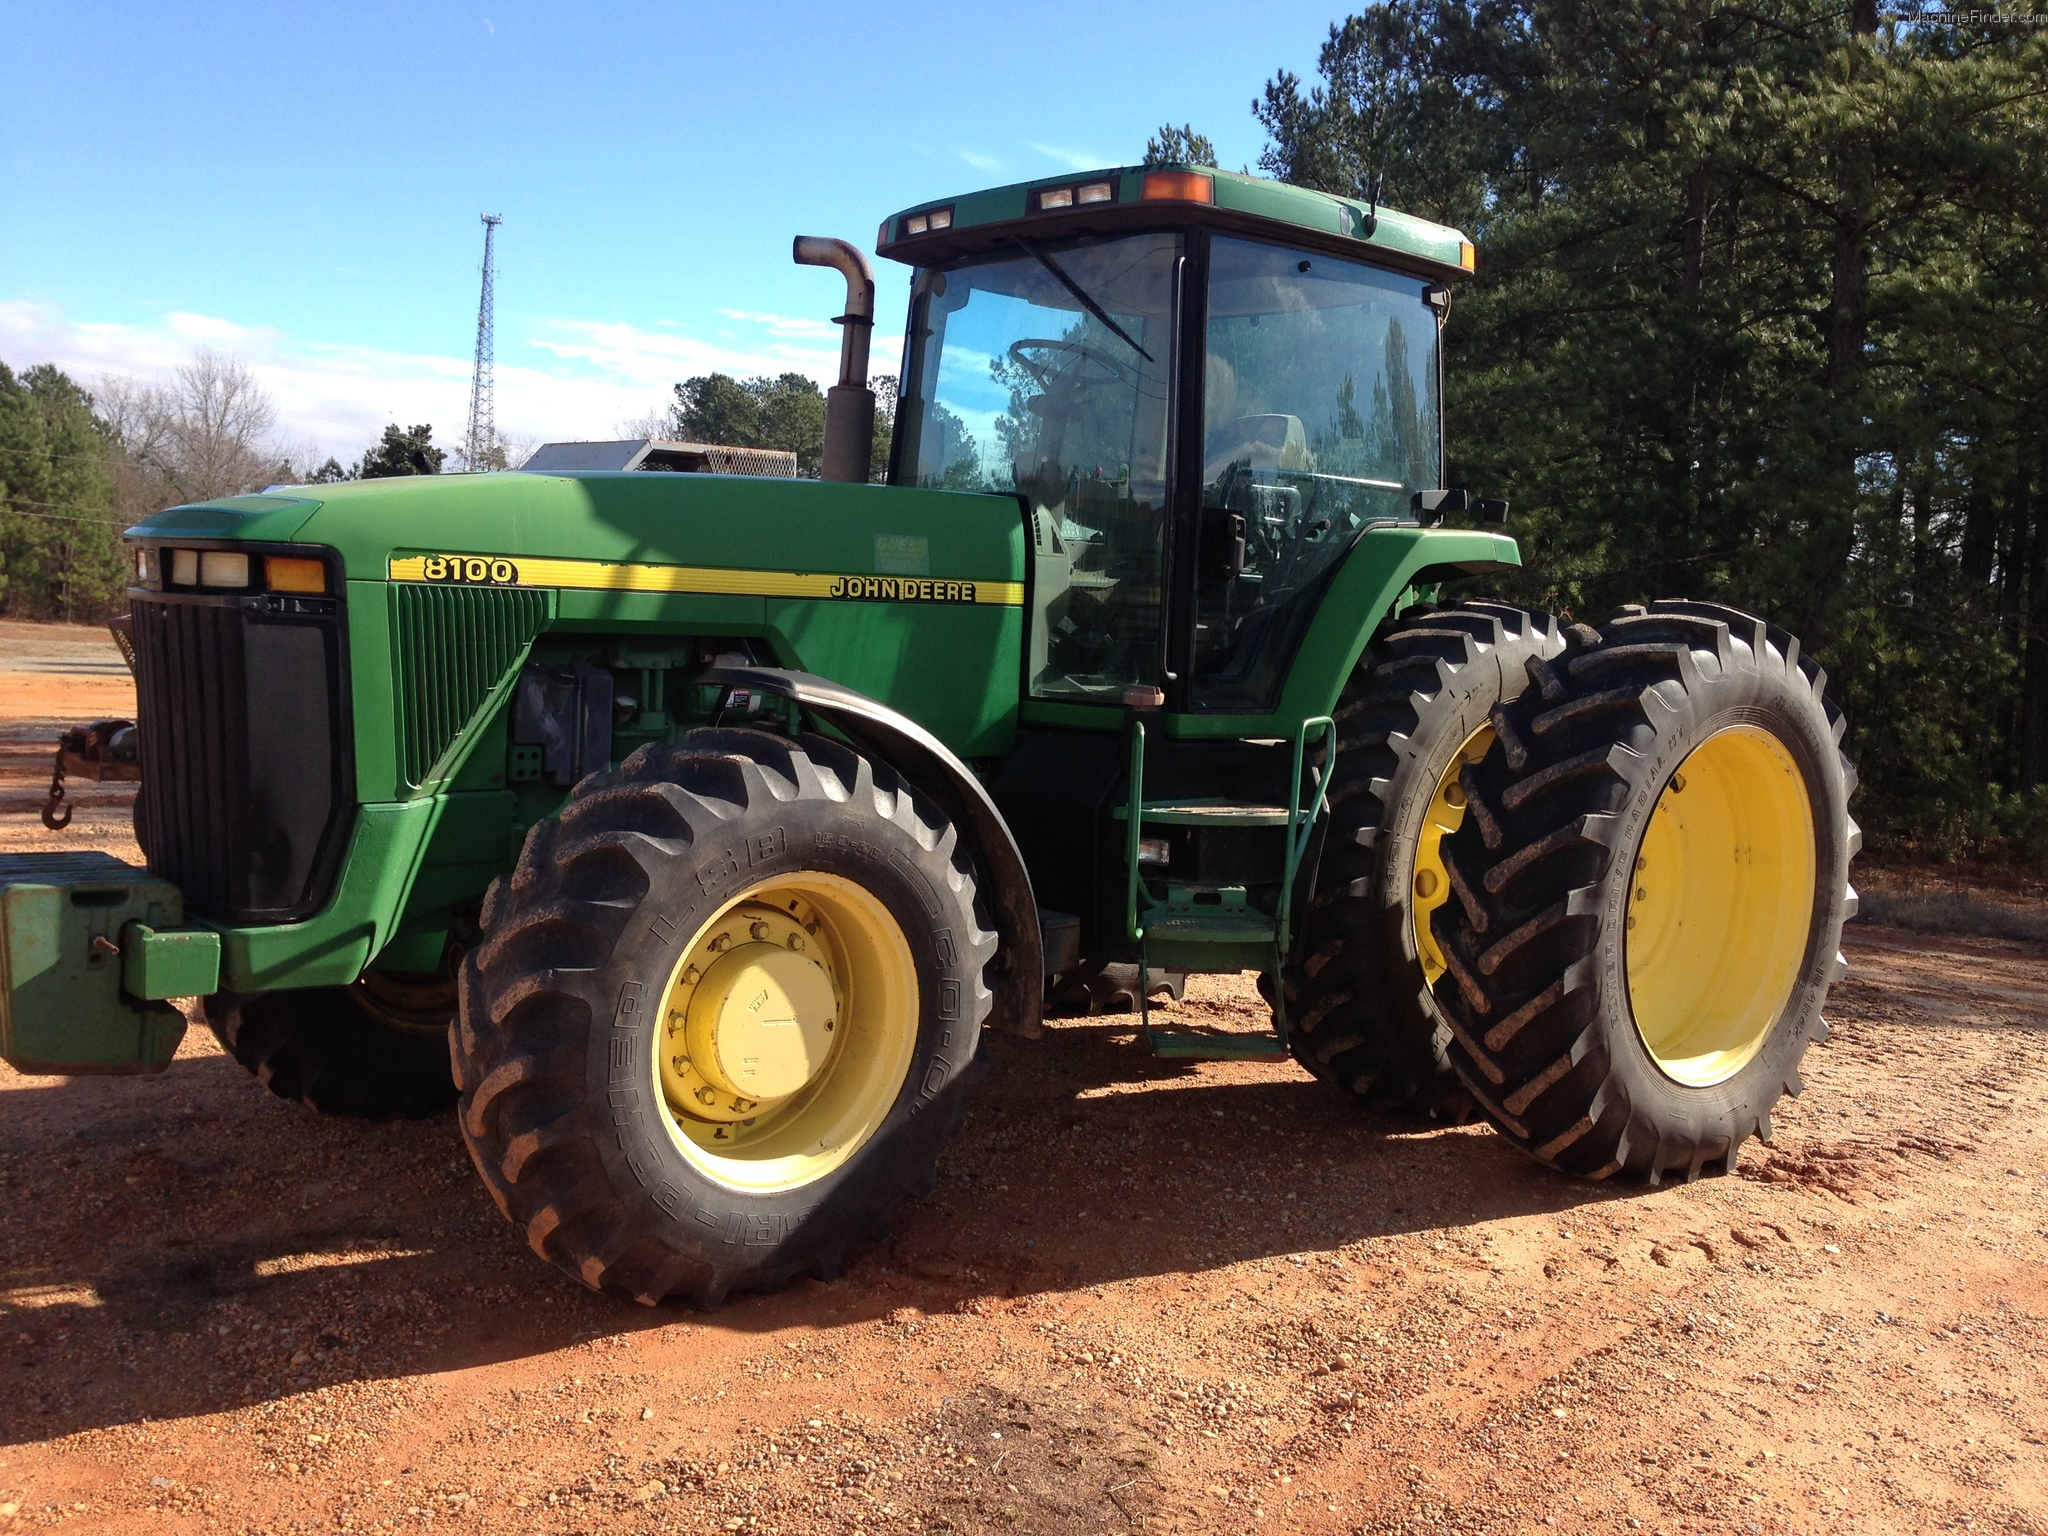 1996 John Deere 8100 Tractors - Row Crop (+100hp) - John ...